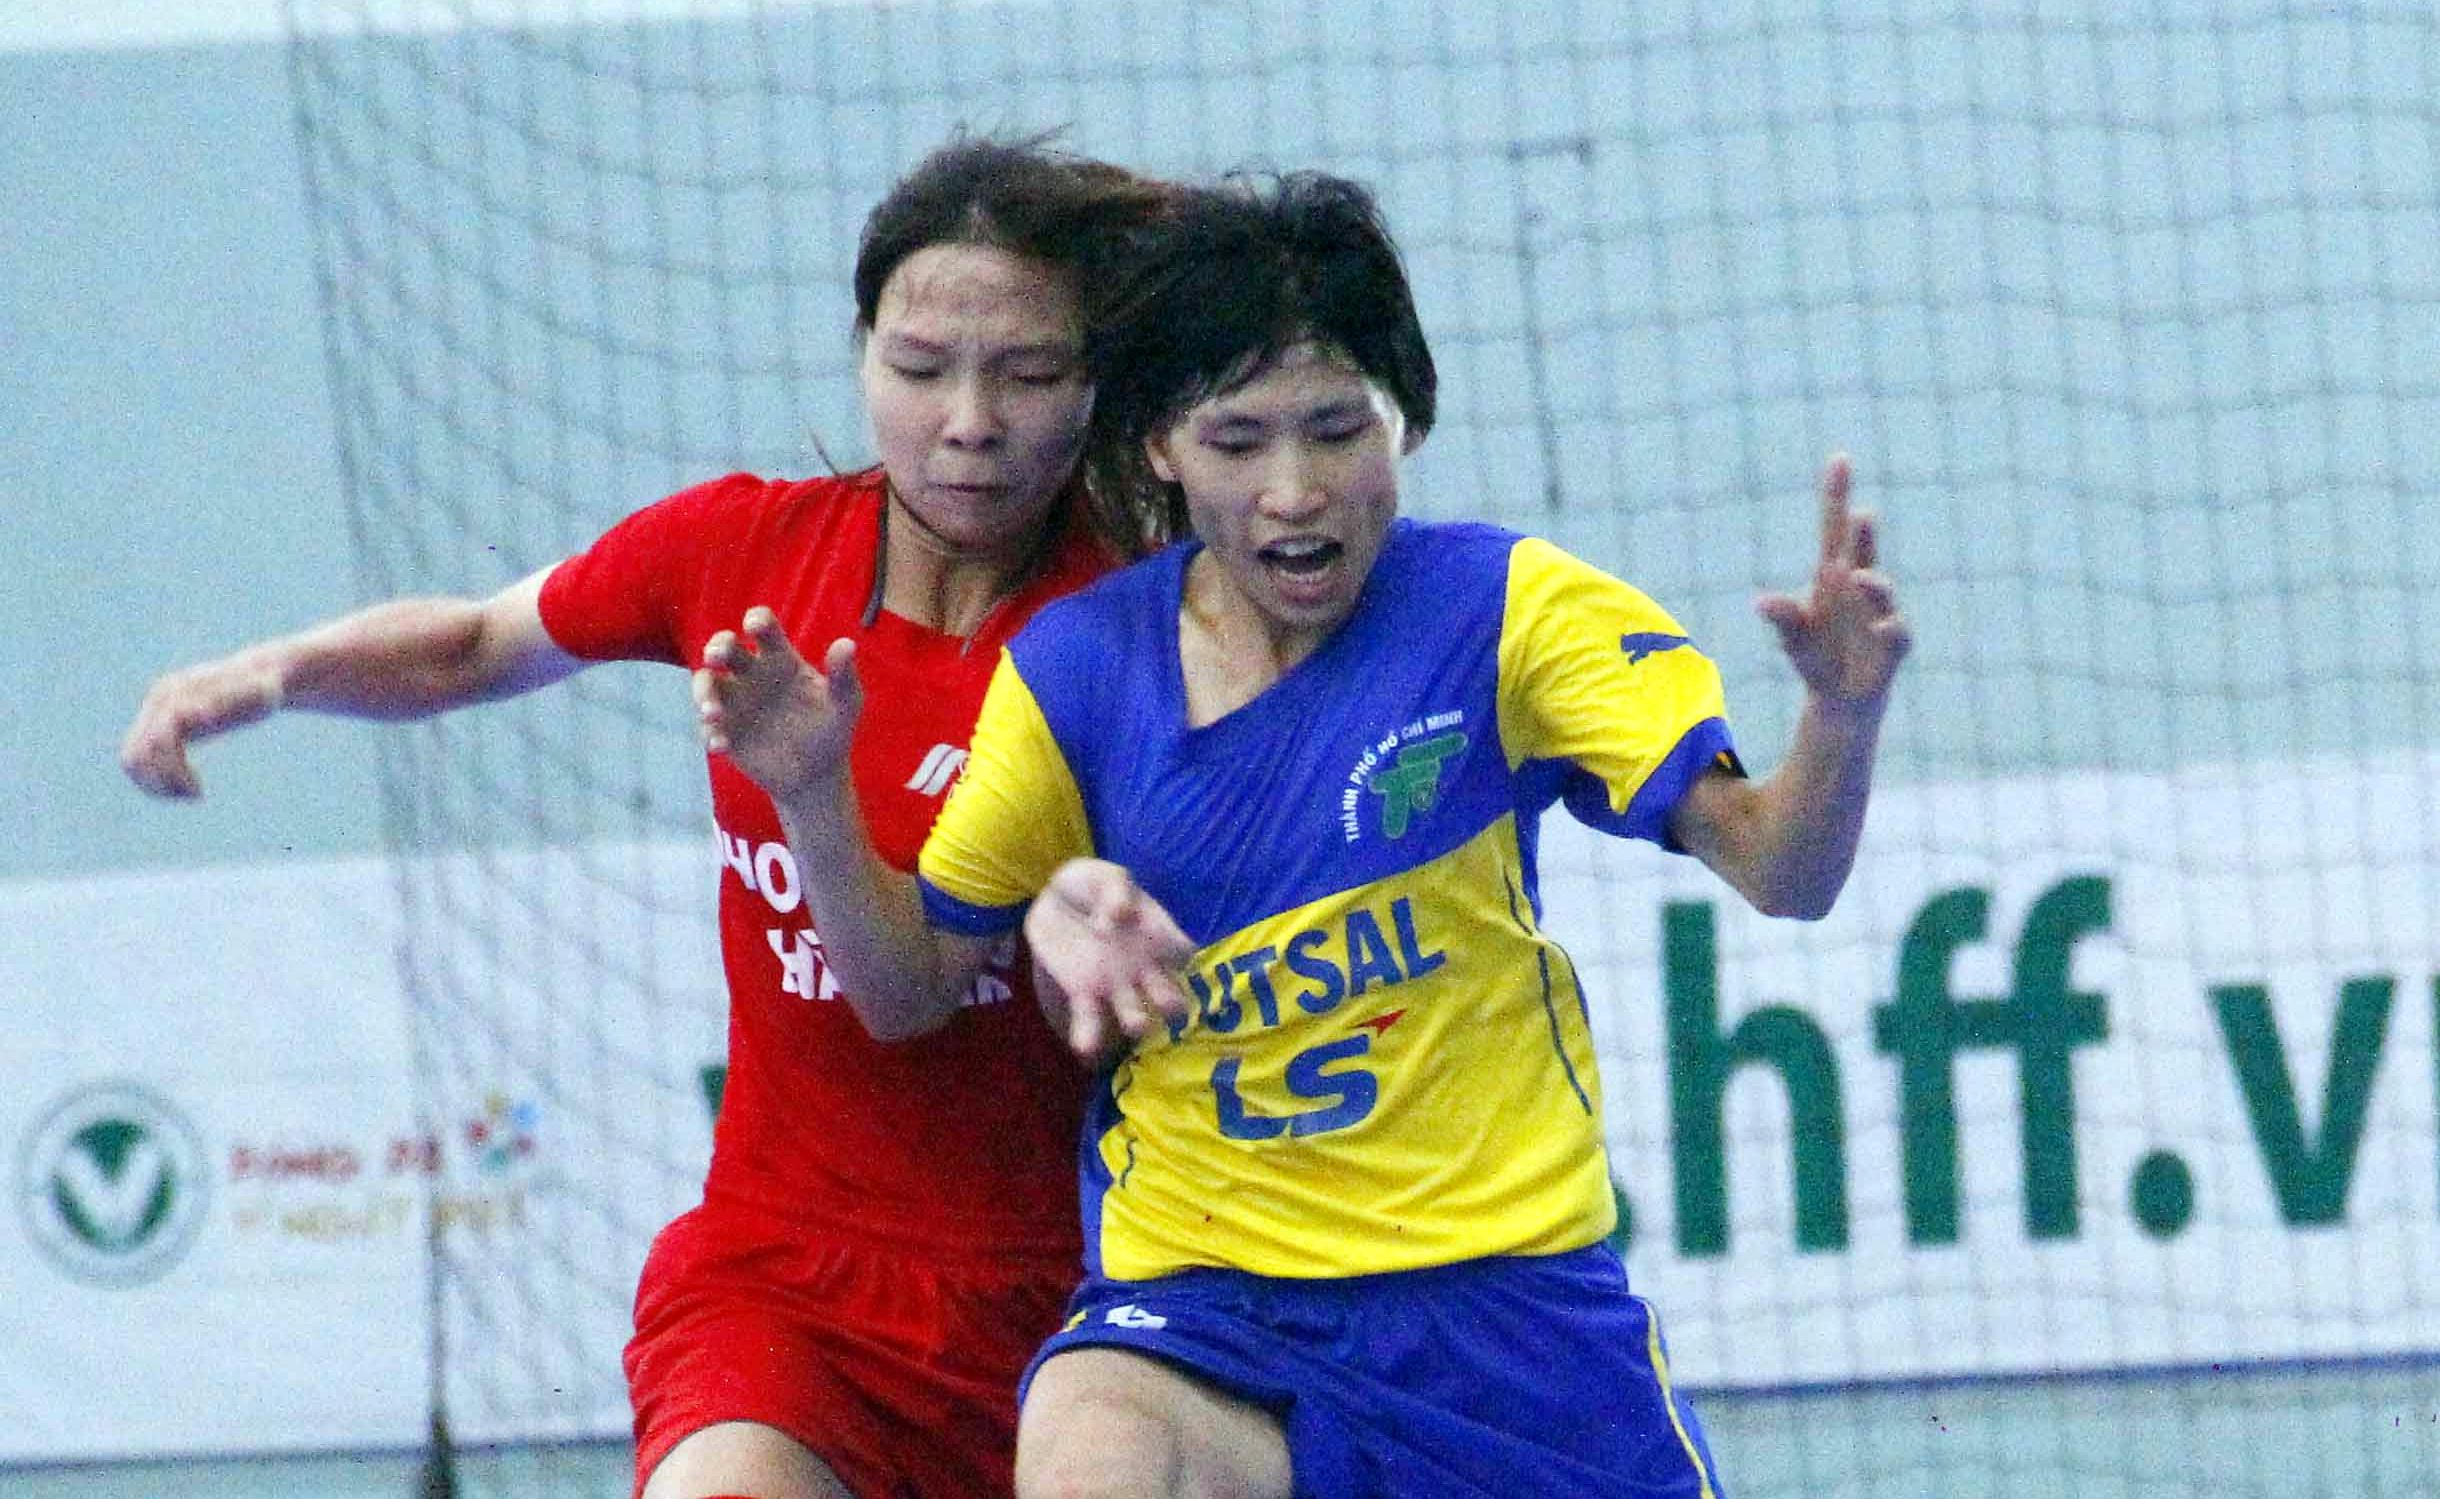 Lượt cuối giải futsal nữ TP.HCM mở rộng – cúp LS lần 5